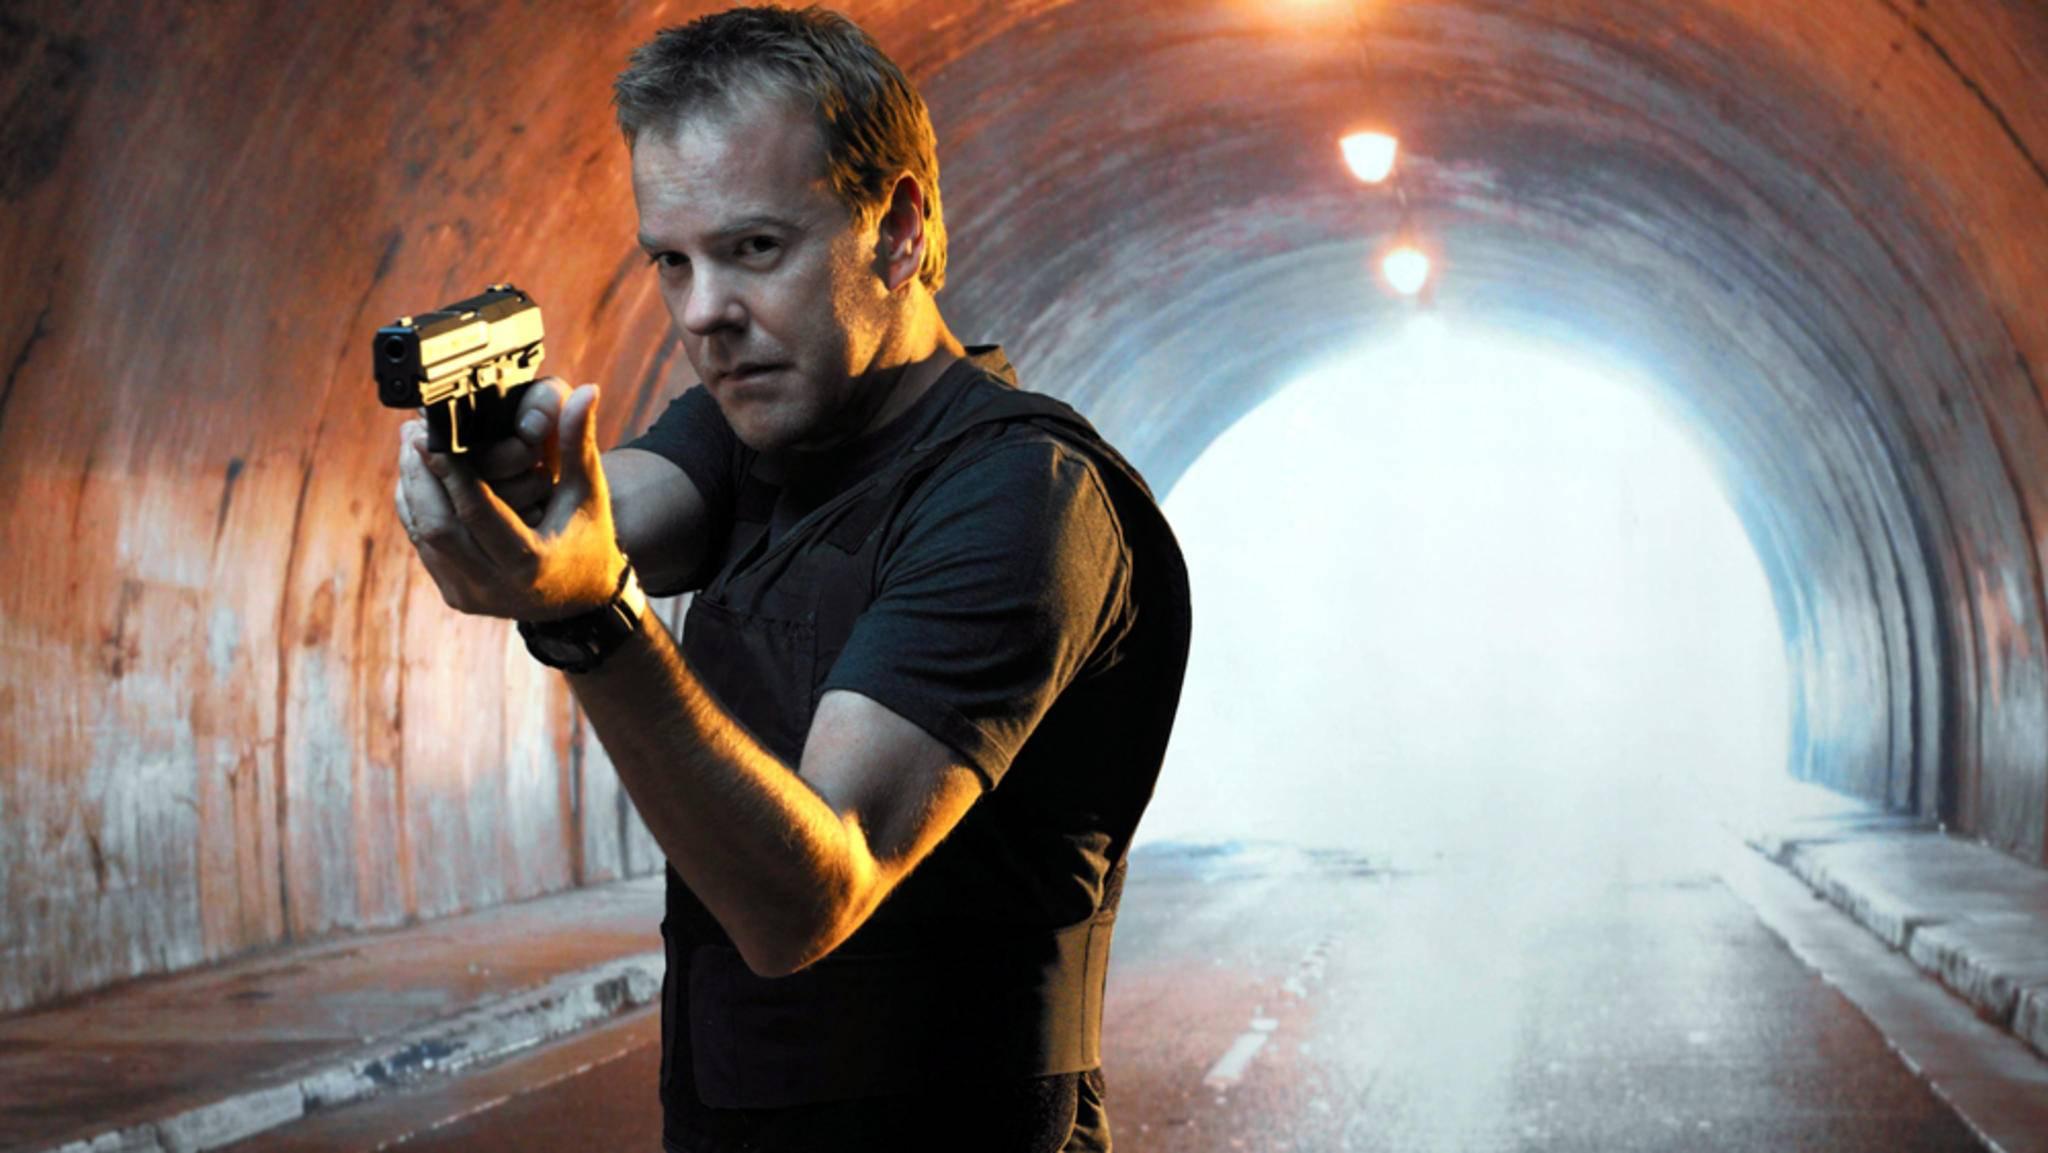 """Im geplanten Spin-off zu """"24"""" wird es kein Wiedersehen mit Jack Bauer geben."""